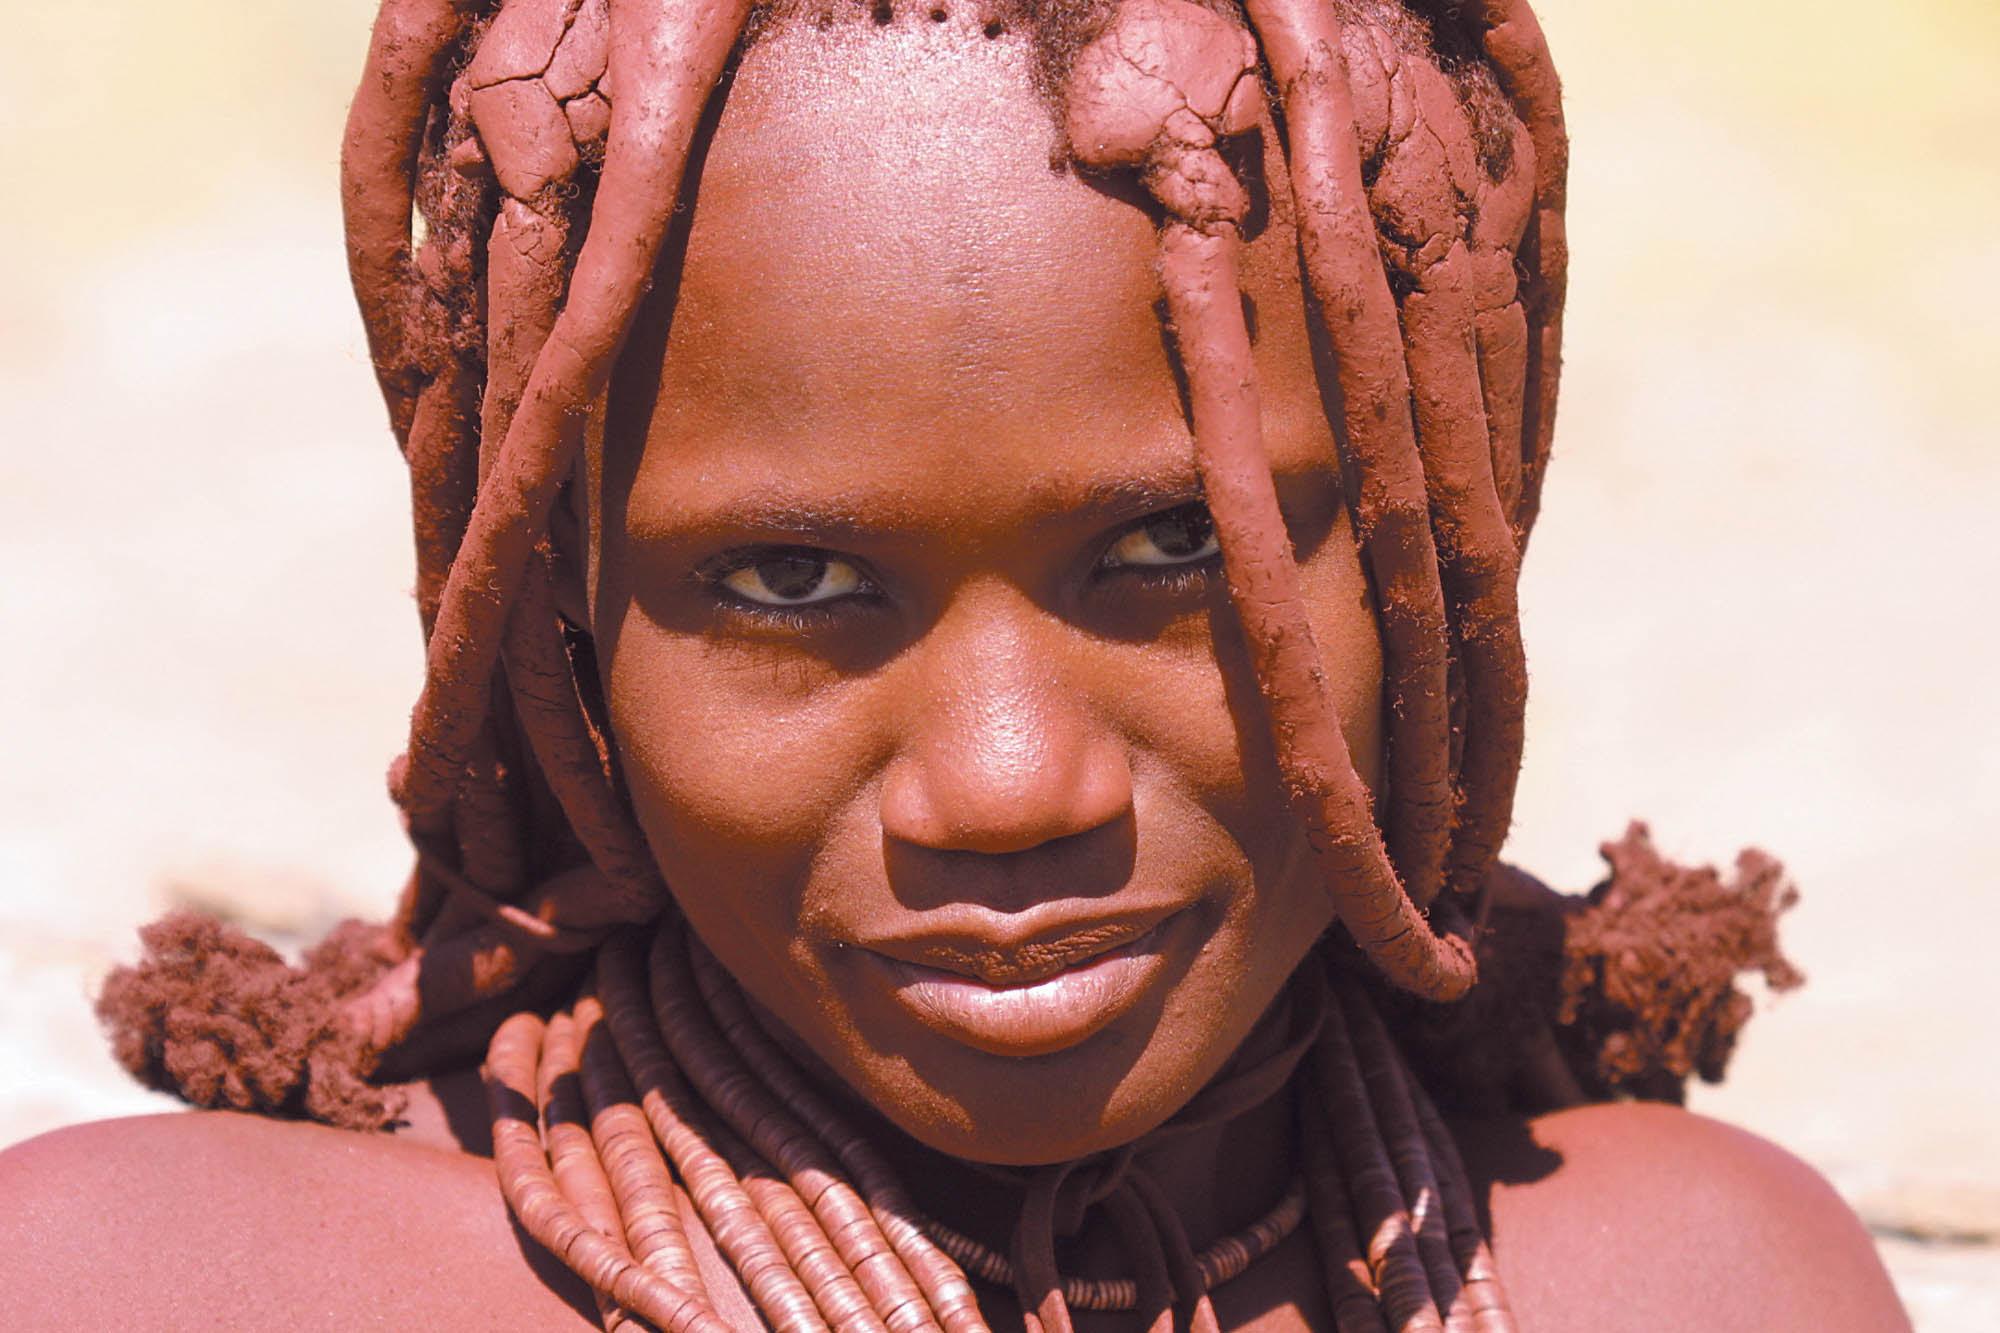 Самые черные африканки, Негритянки секс фото 16 фотография